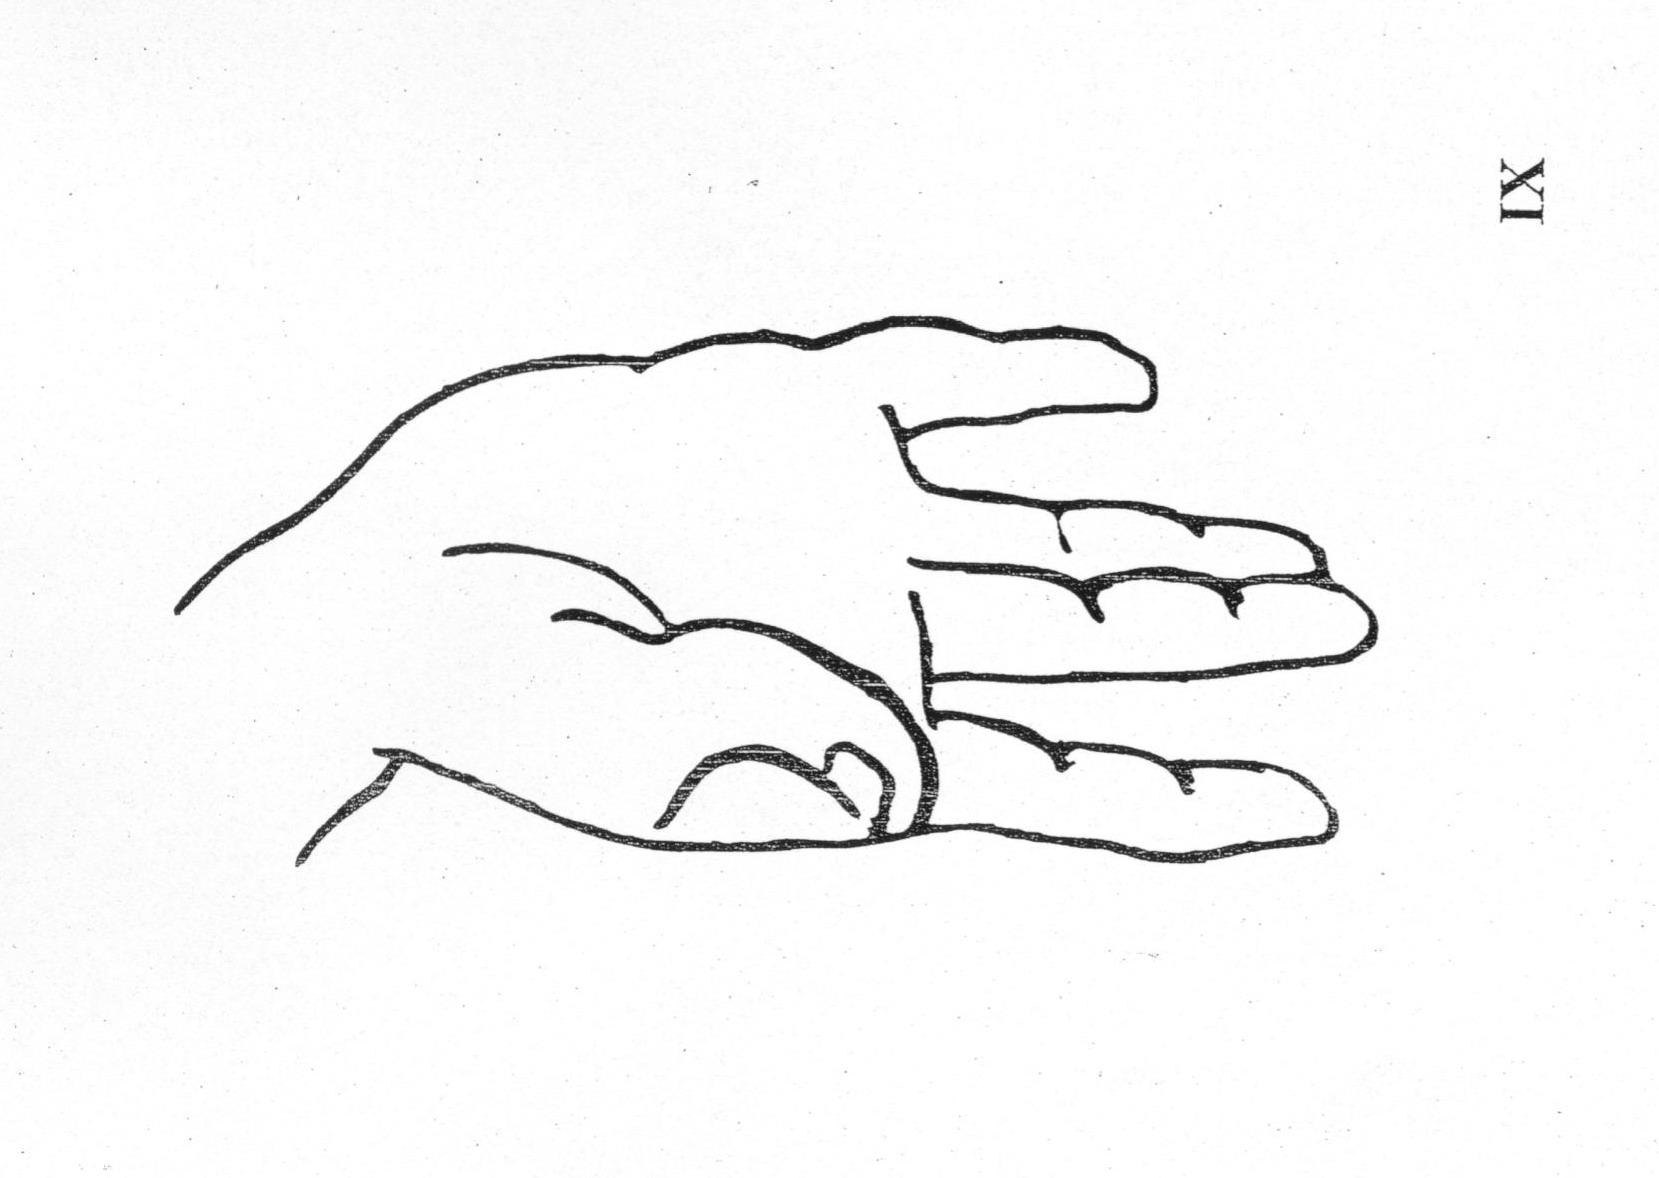 акт по вентиляции бланк